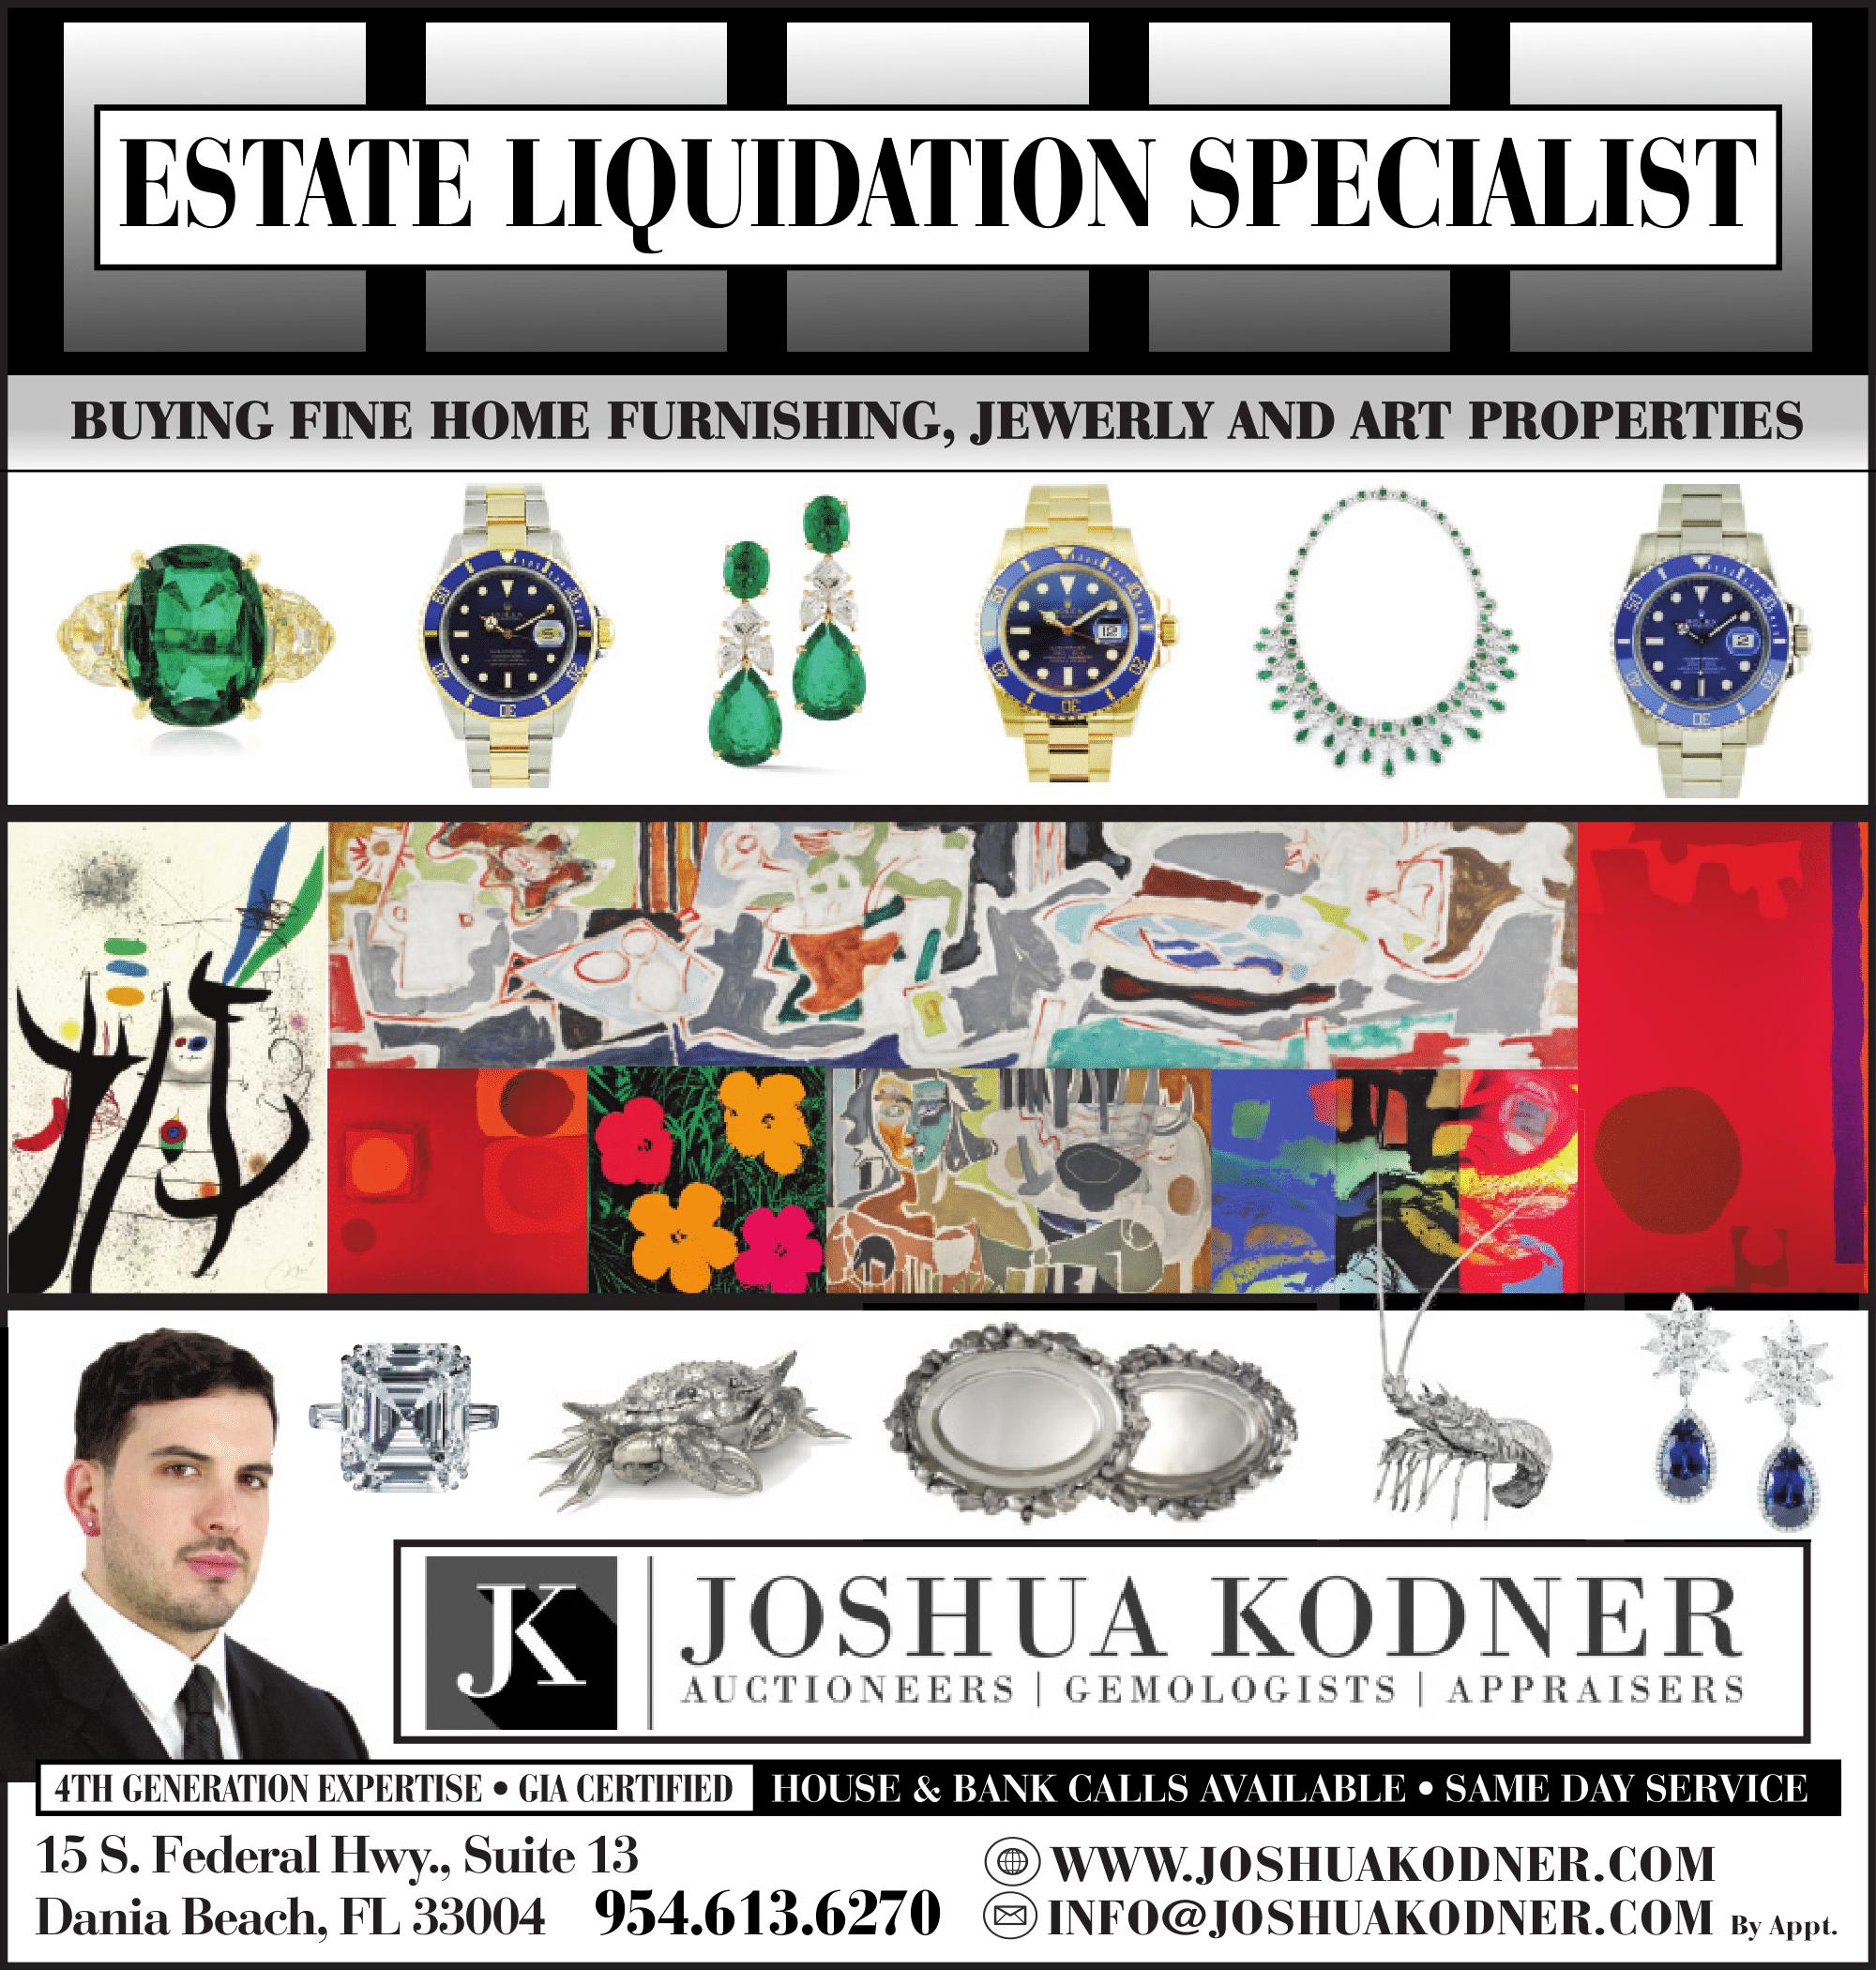 Josh Kodner Community v1-1